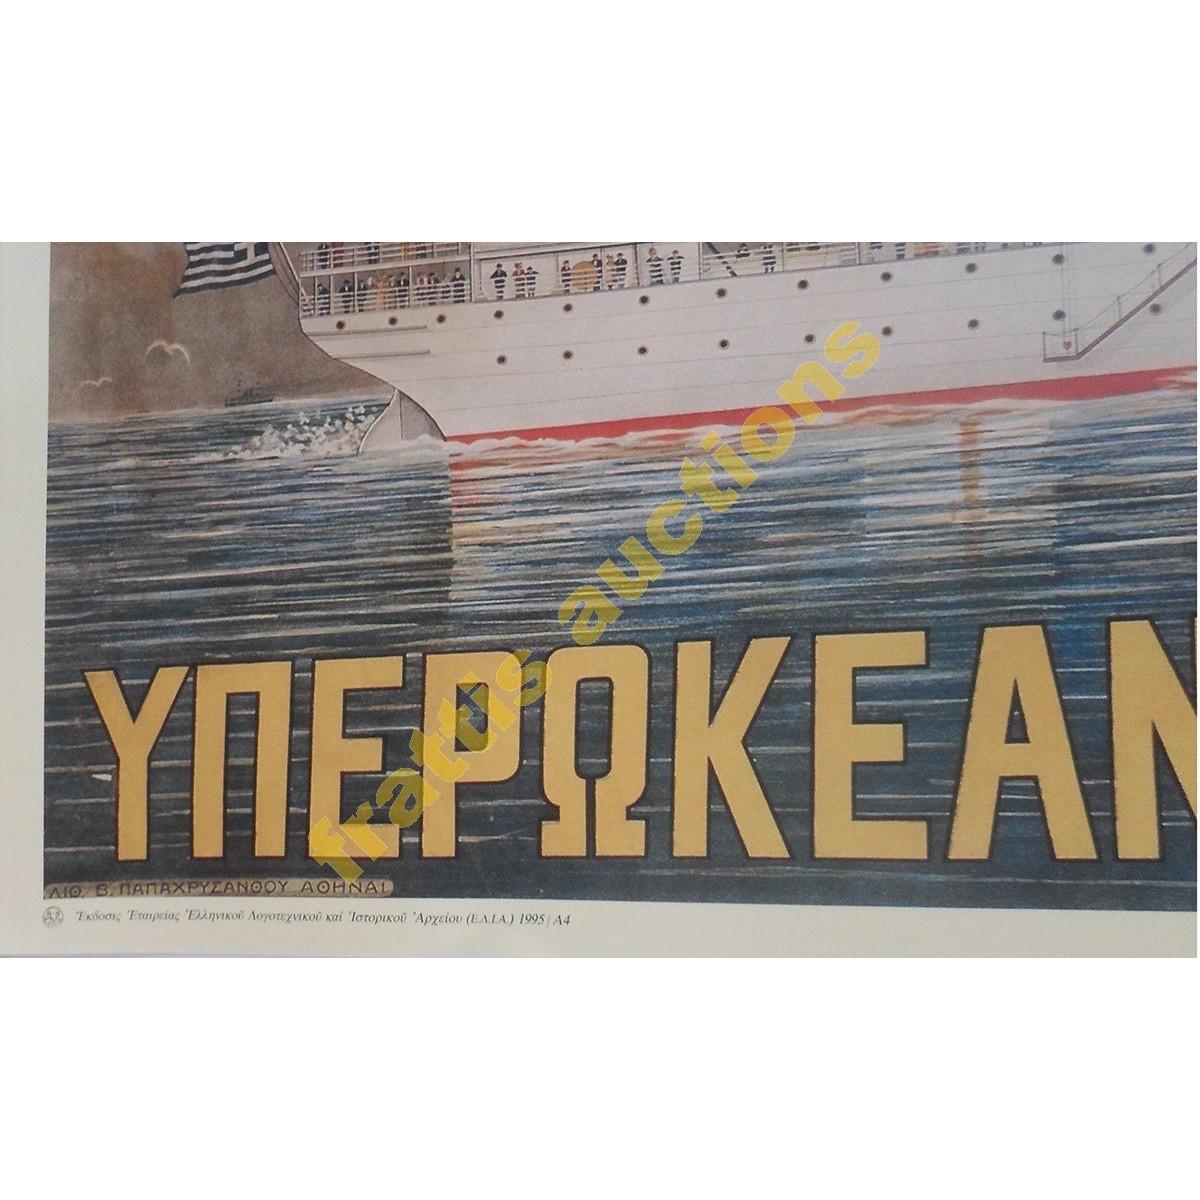 Υπερωκεάνειος Ελληνική Ατμοπλοϊα, χάρτινη αφίσα.